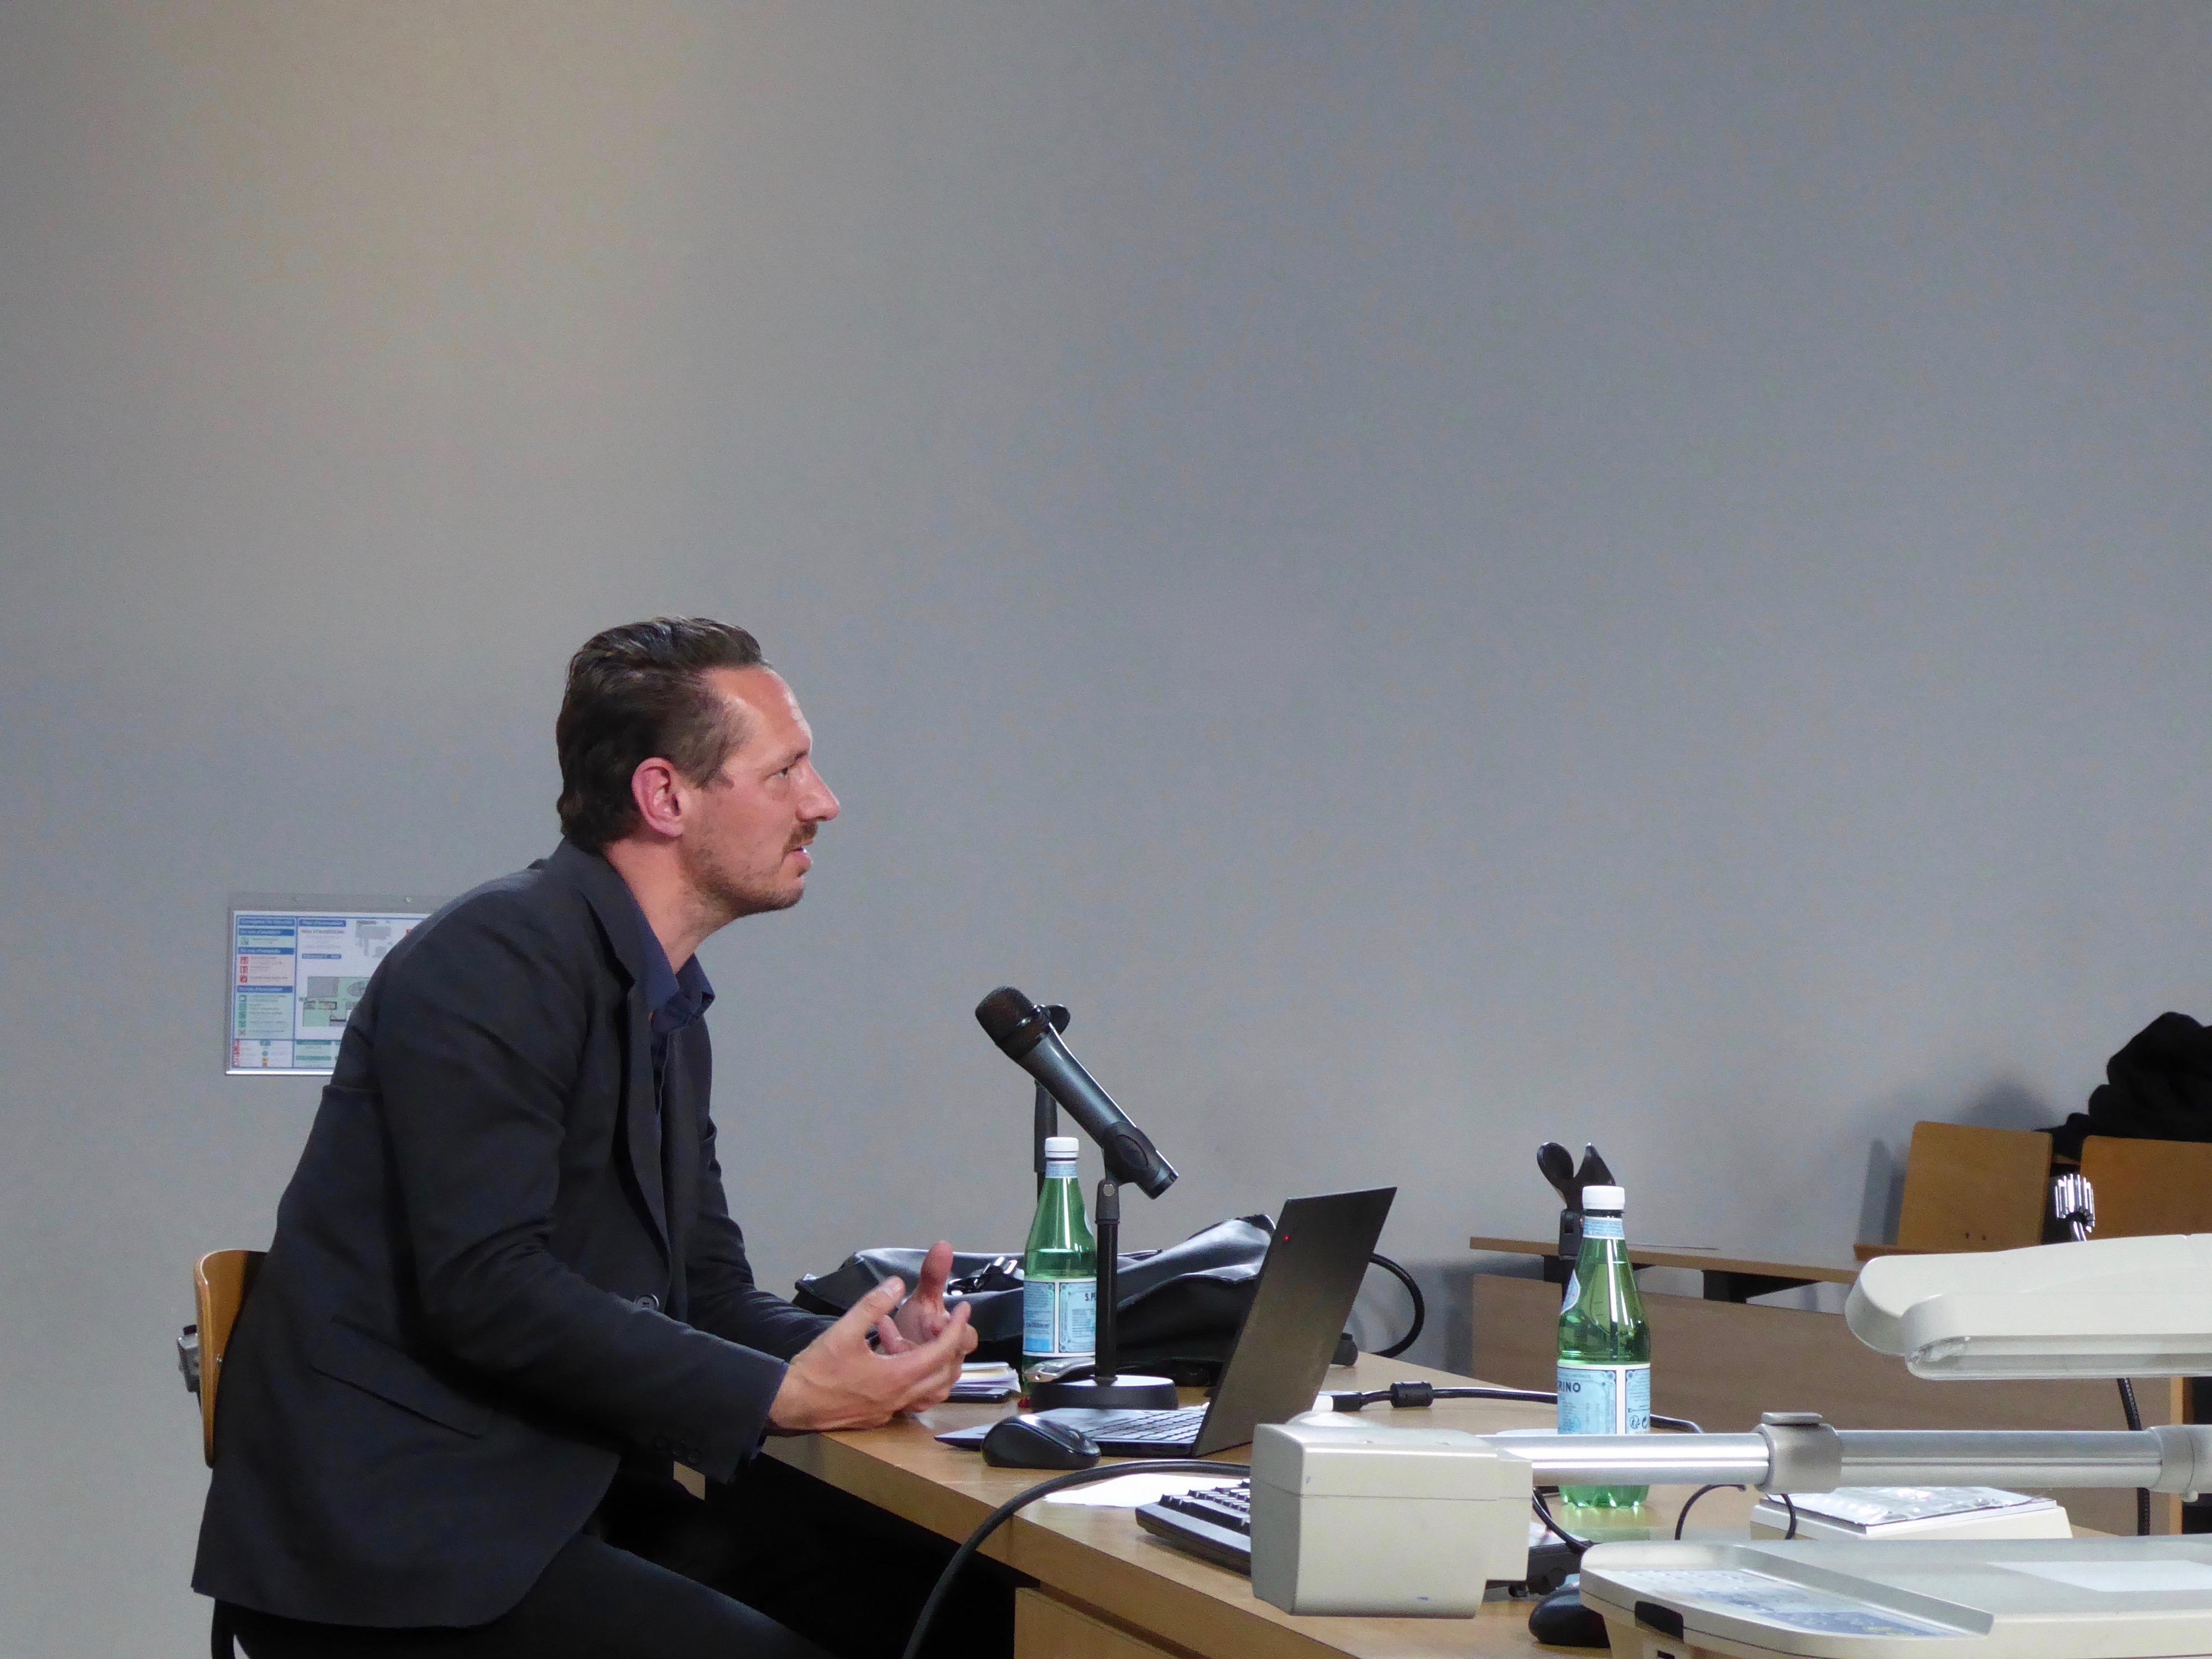 Julien de Smedt bei seinem Vortrag während der Europäischen Architekturtreffen 2019 © EA